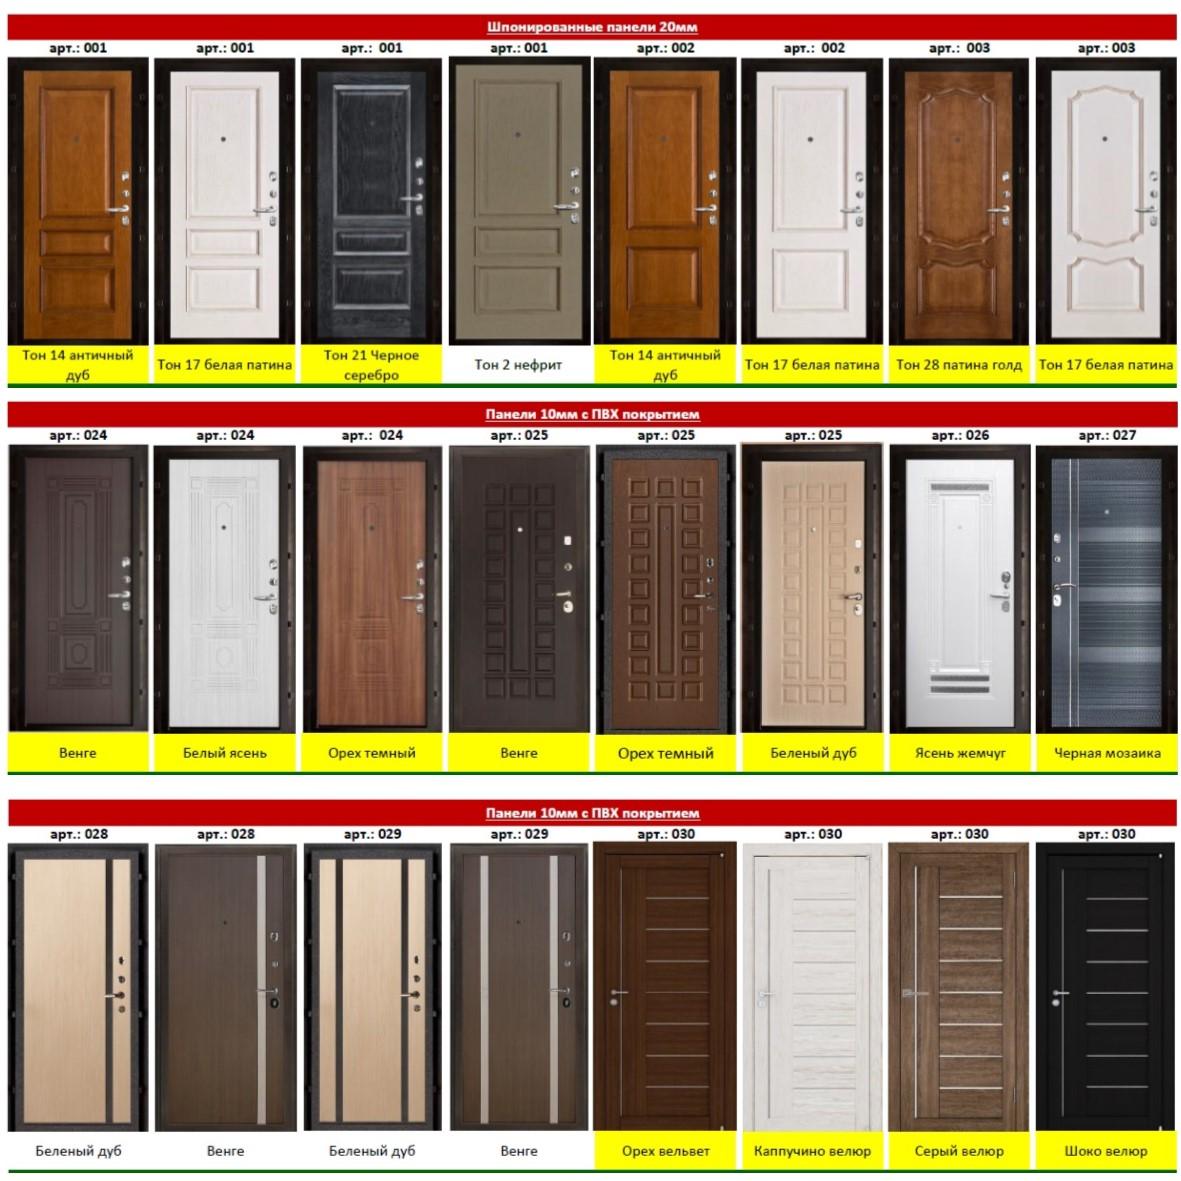 Варианты внутренних панелей для входных дверей